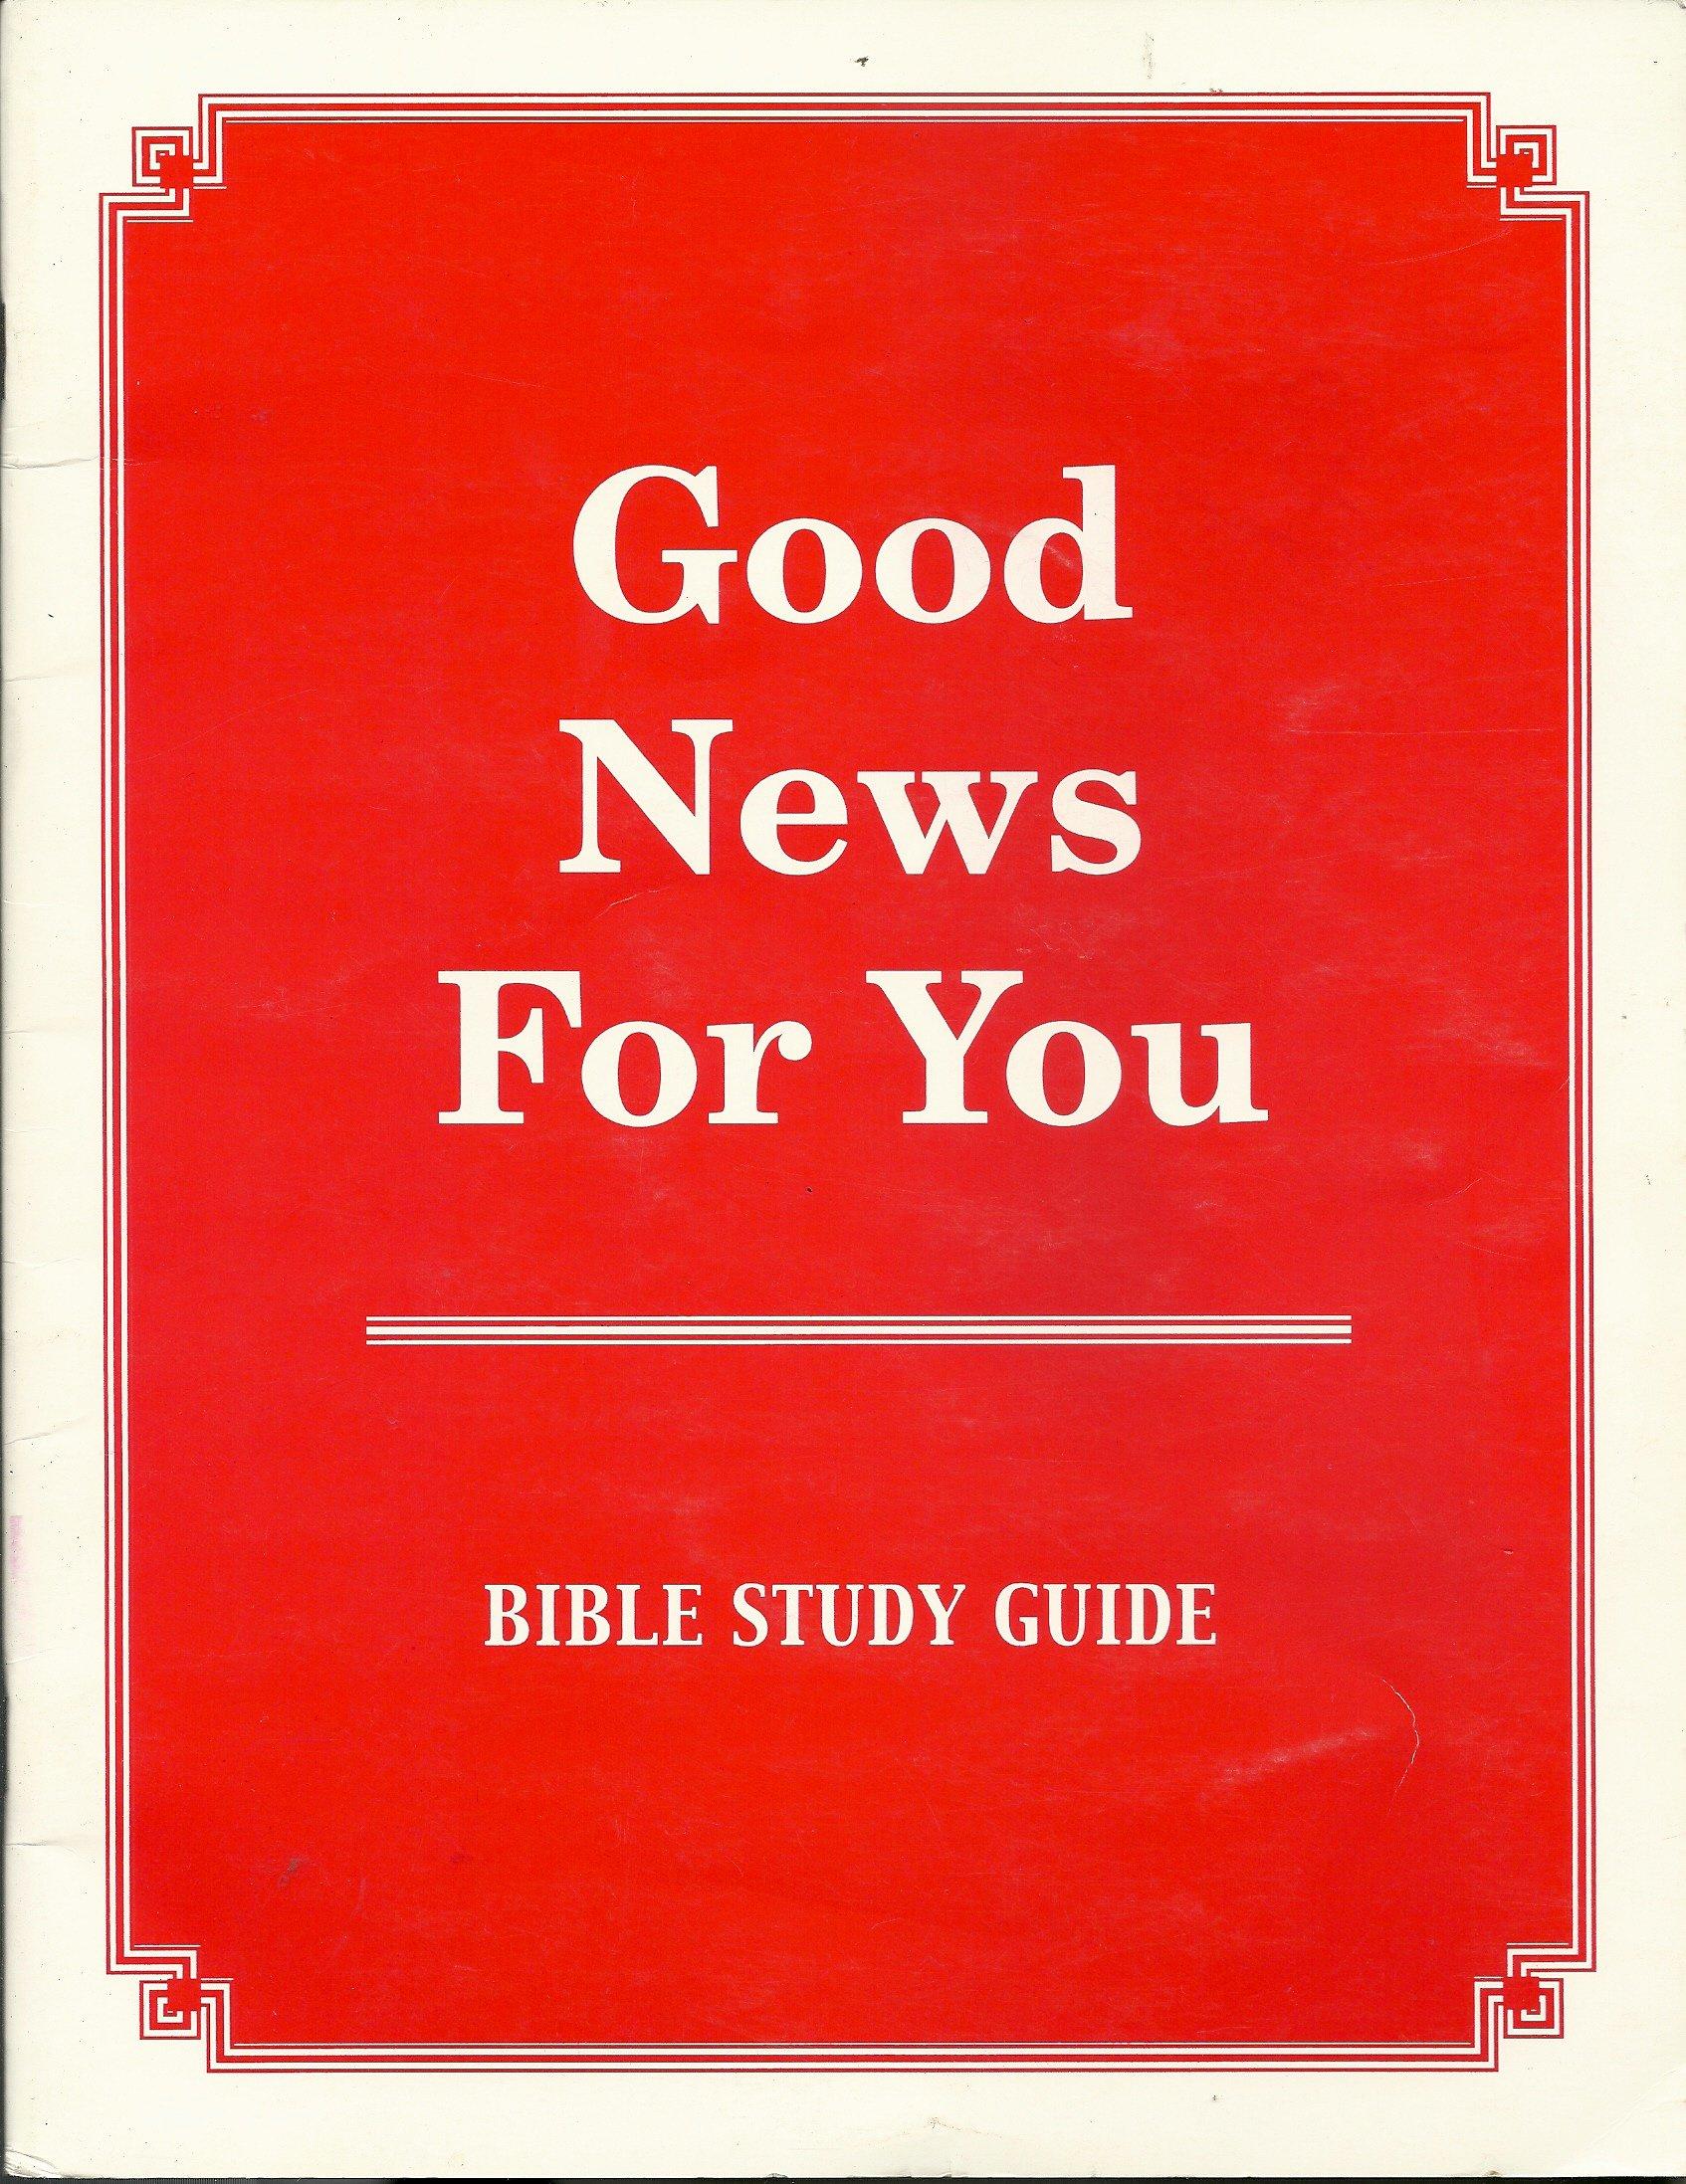 Good News for You / Bible Study Guide 1994: charles brock: Amazon.com: Books